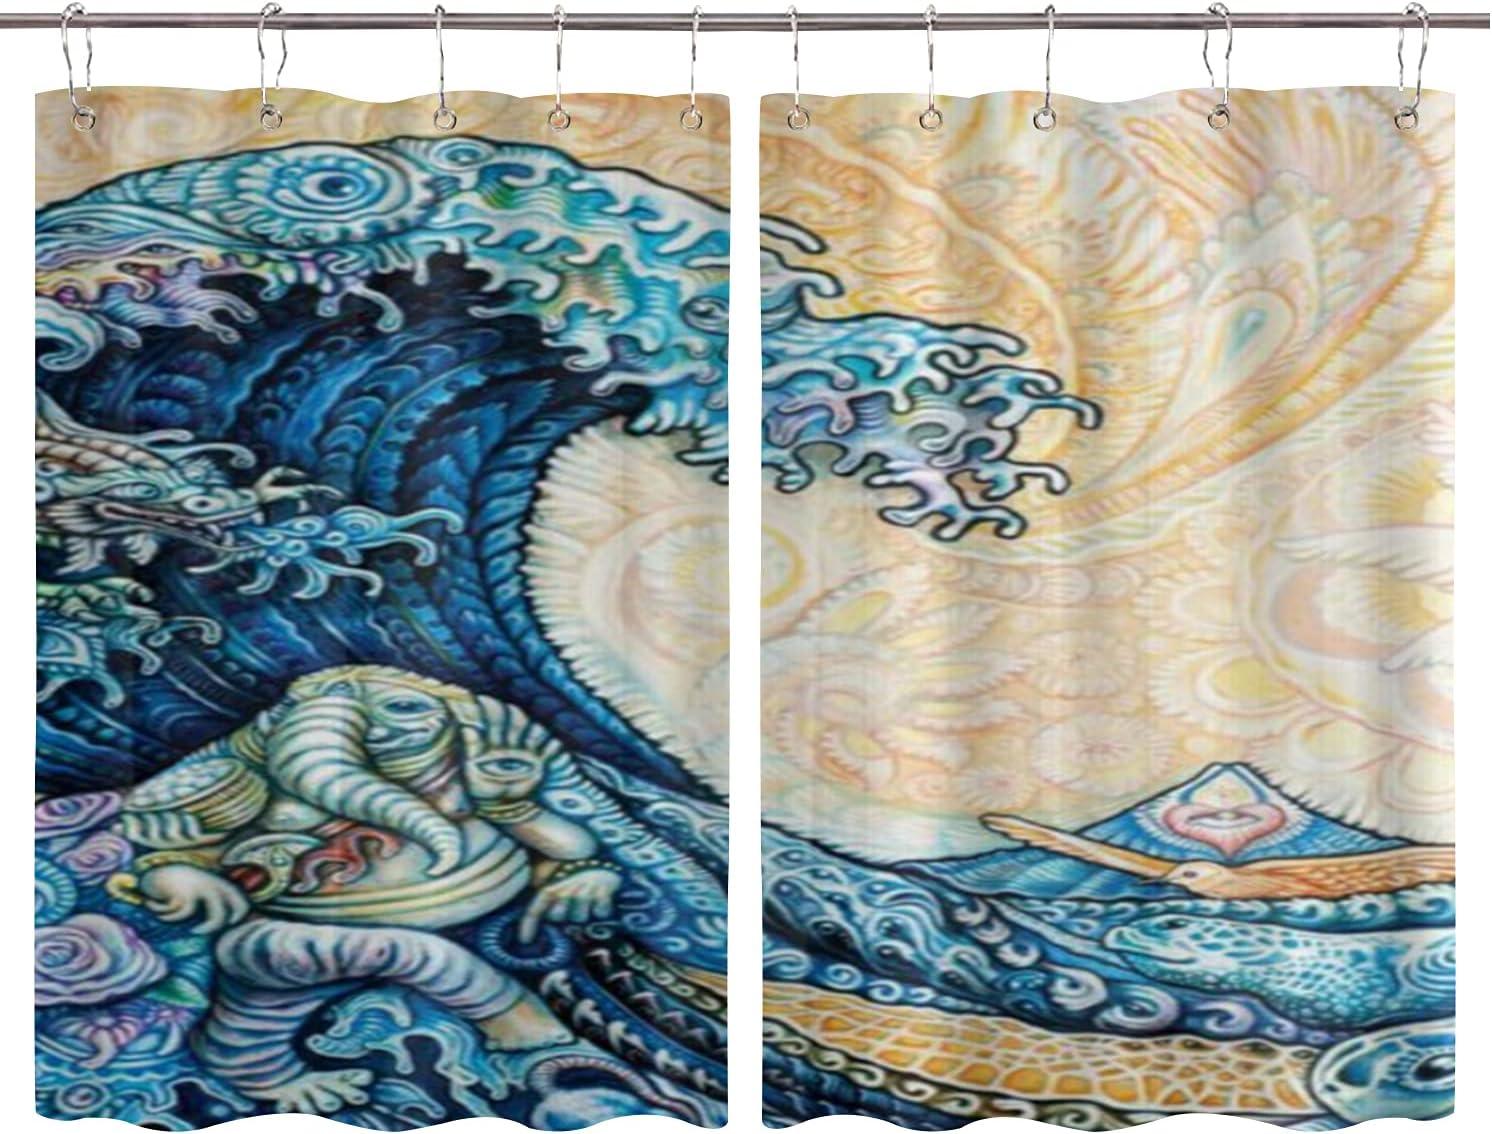 BOKEKANG Cortinas para Ventana de Cocina,Mandala japonés La Gran Ola de Tortugas Dragón Elefante Clásico,Cortina Corta para Cocina Decoración de Ganchos para Baño,Pack 2,140x100cm